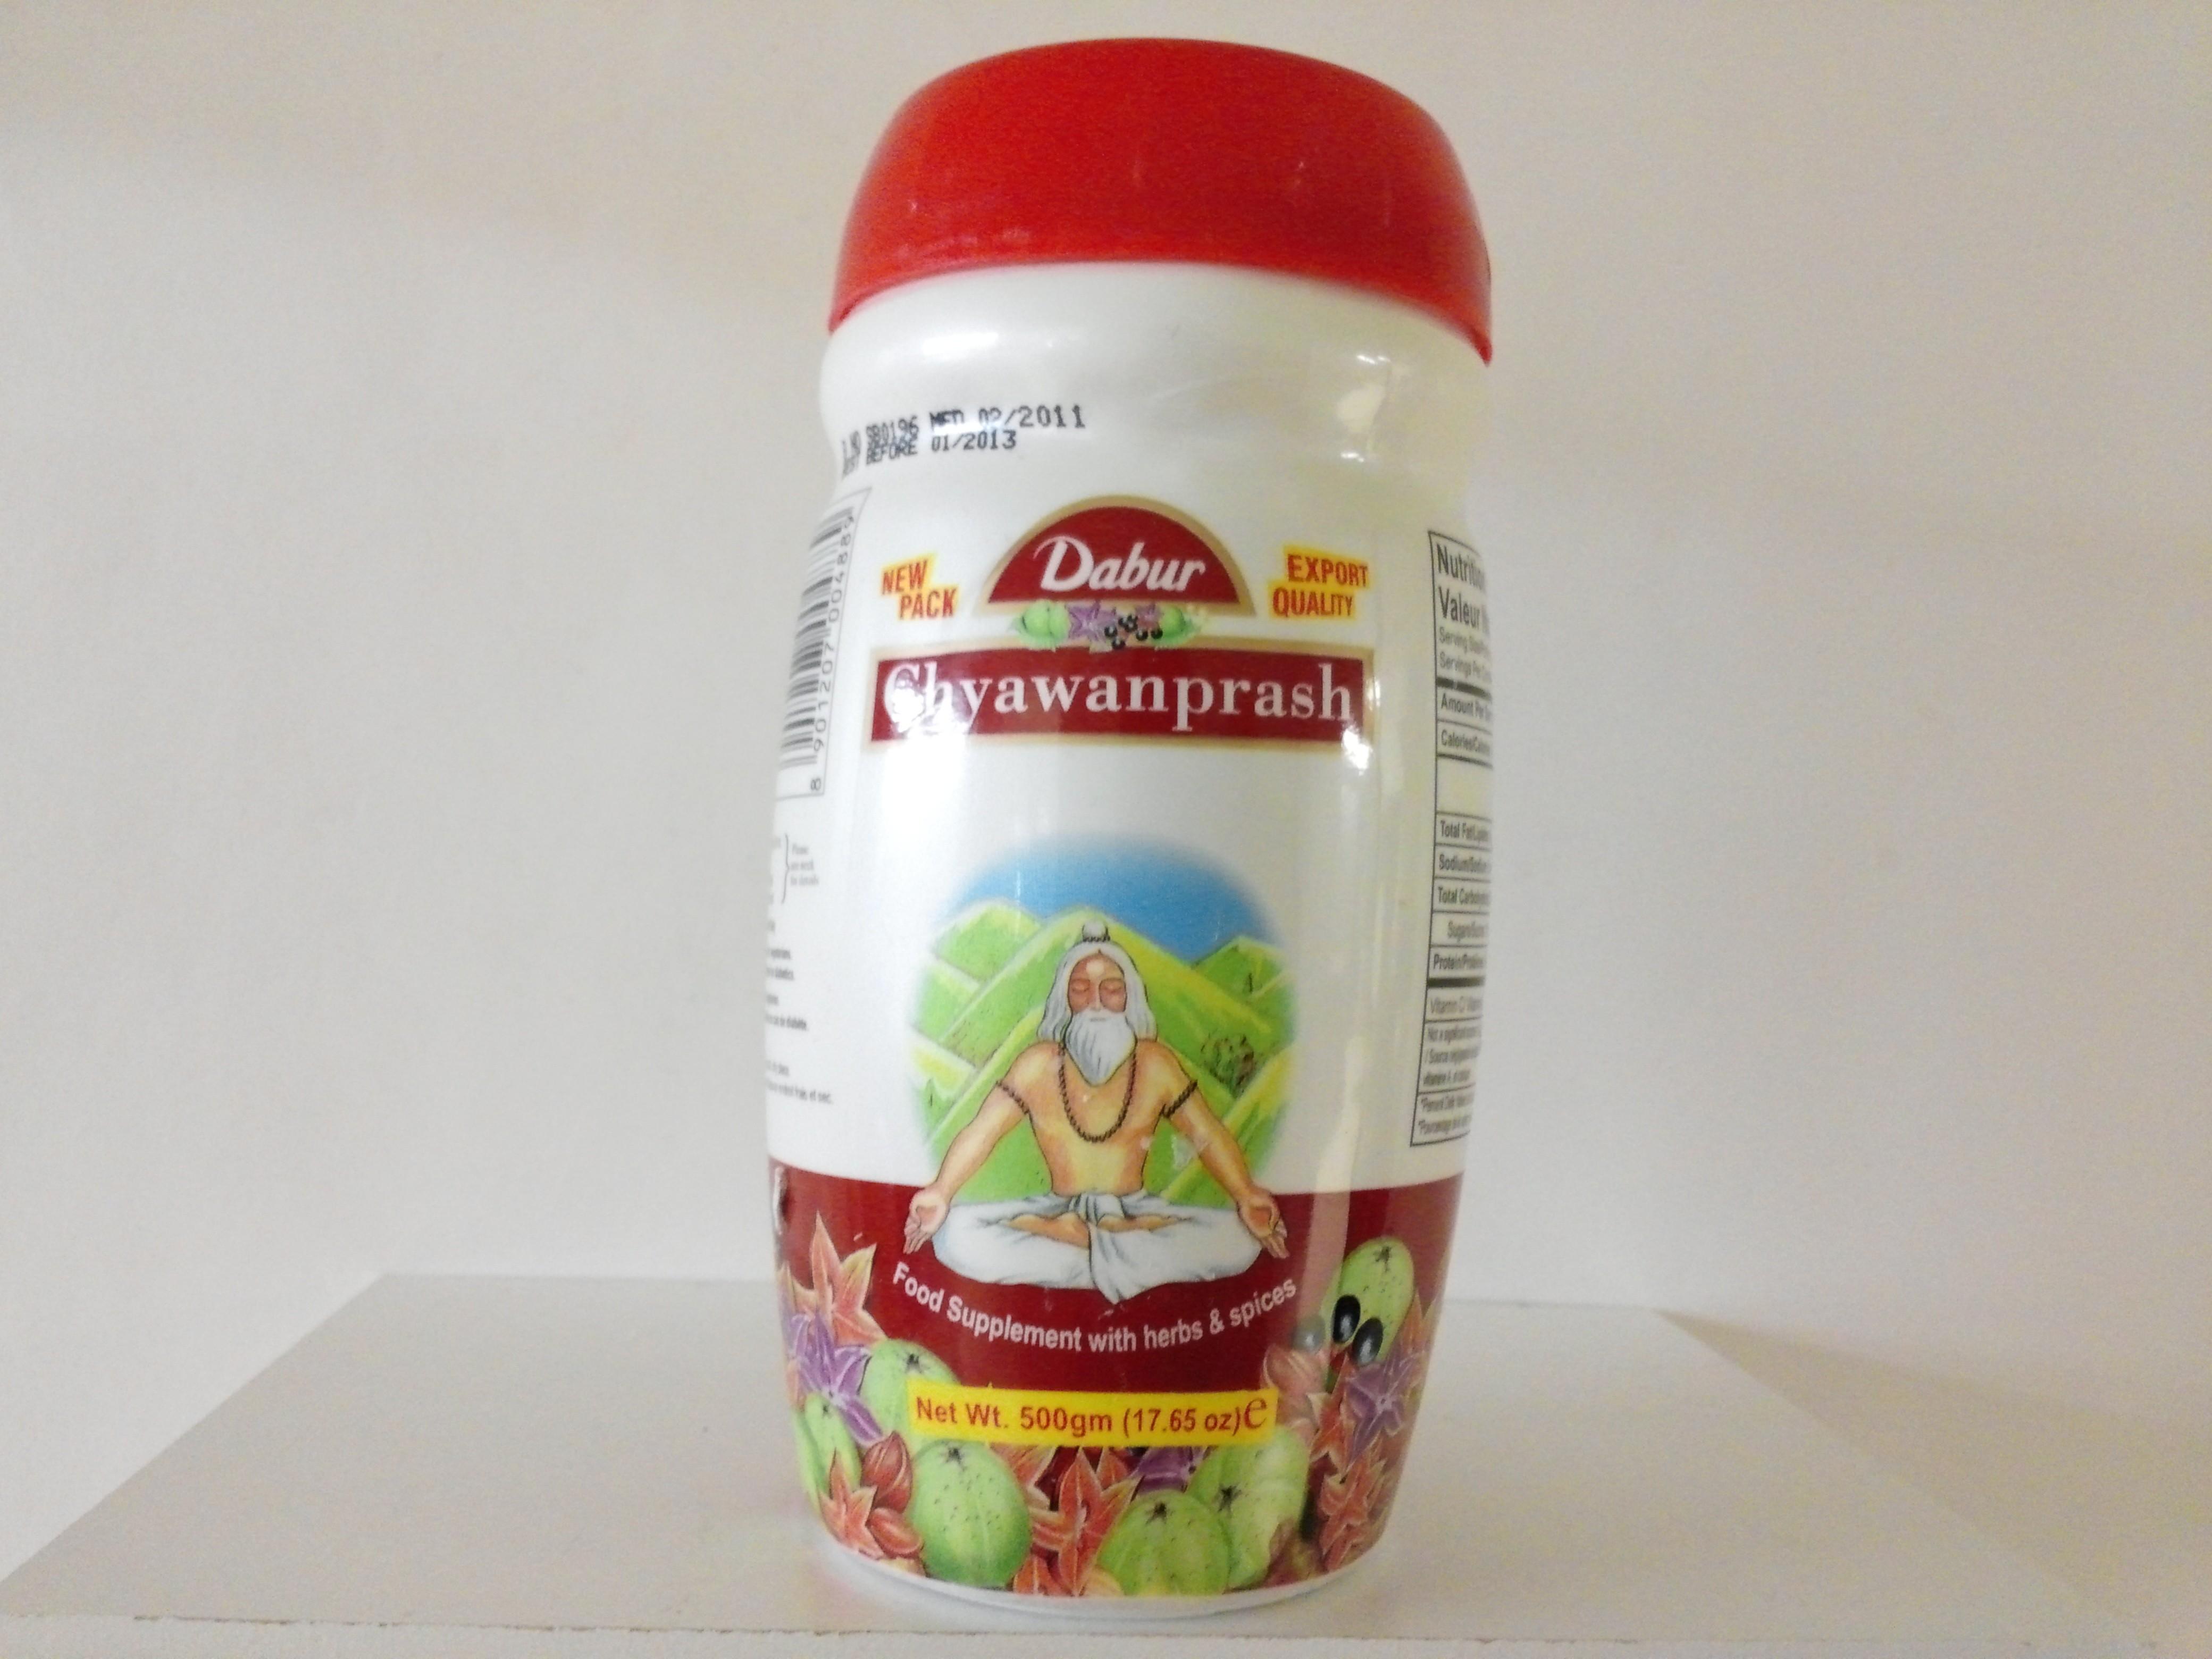 Dabur Chyawanprash 500 grm